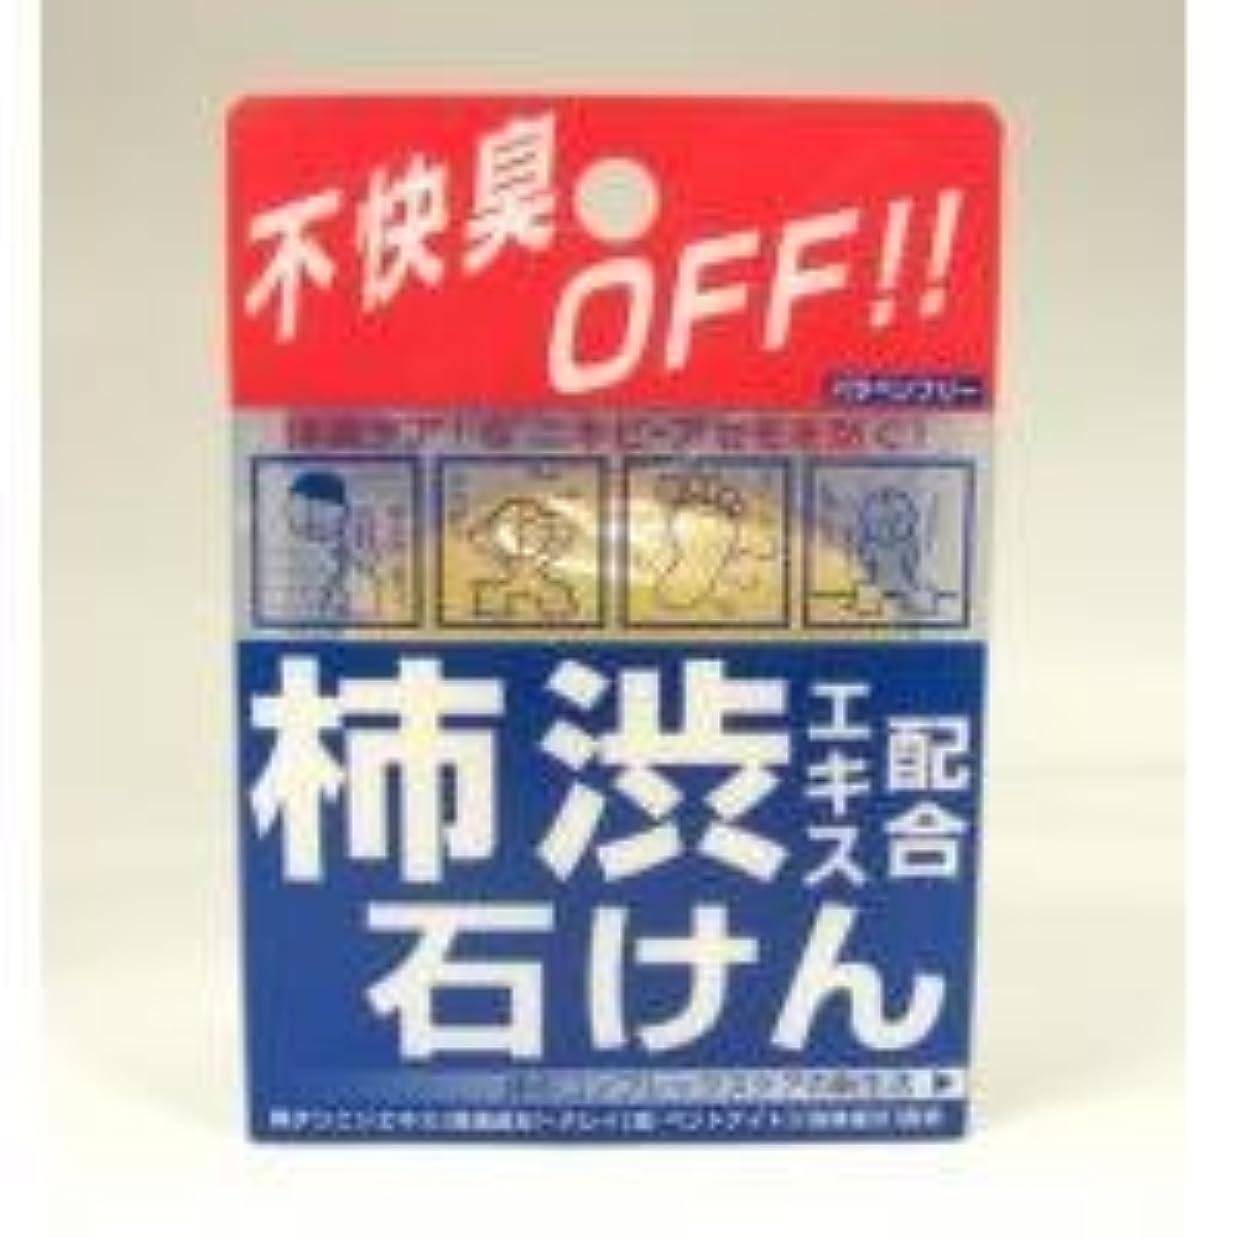 フィドル満員モッキンバード柿渋エキス配合石けん 100g